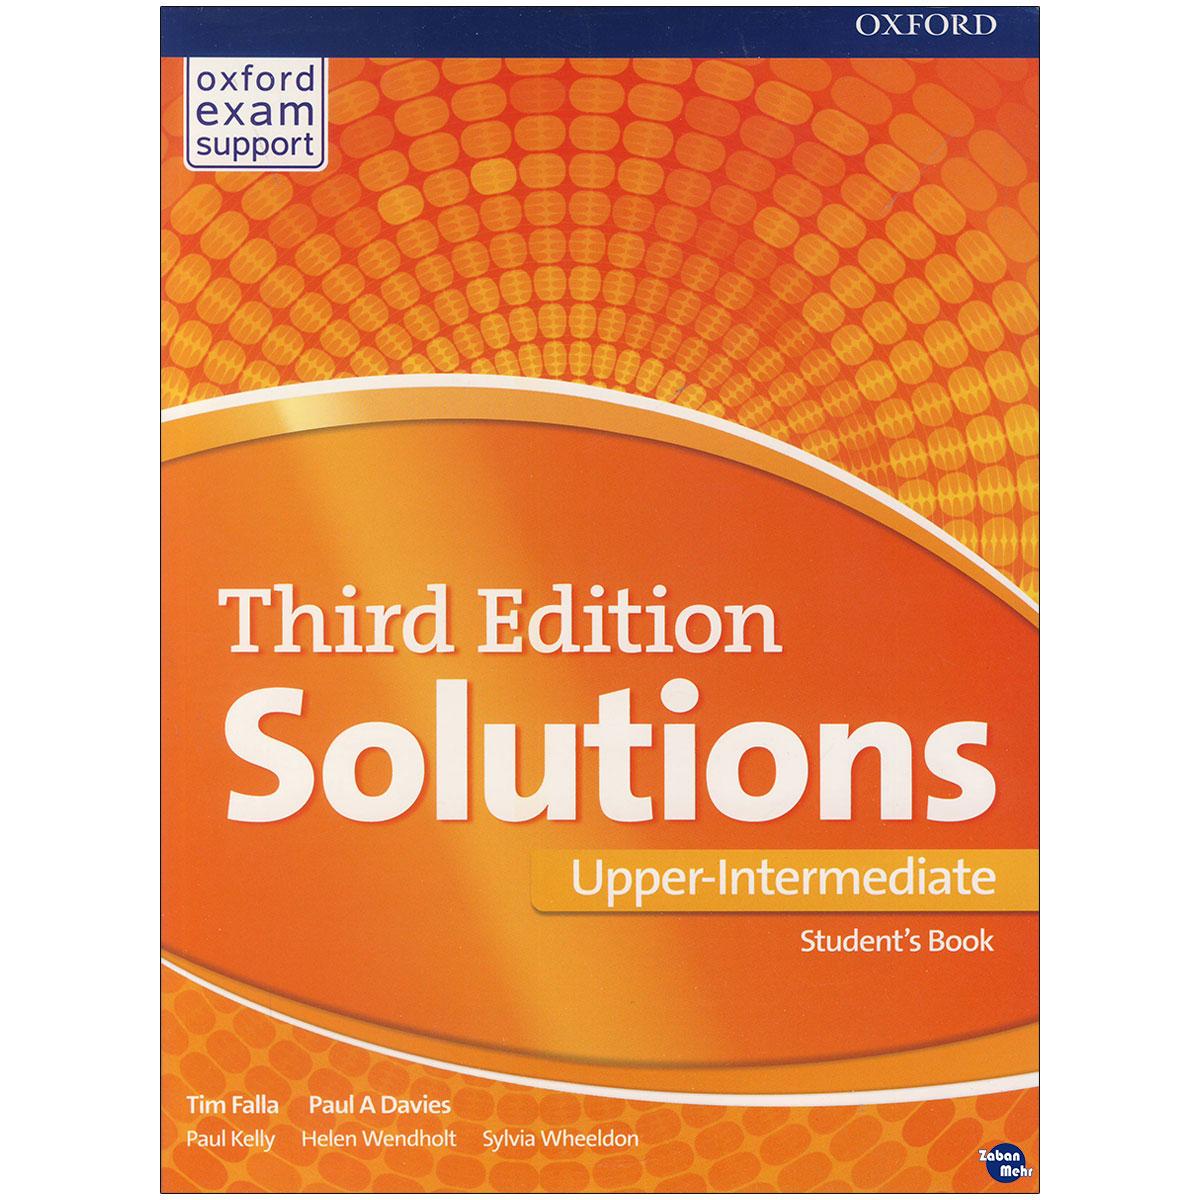 خرید                      کتاب Solutions Upper-Intermediate اثر Tim Falla Paul A. Davies انتشارات زبان مهر